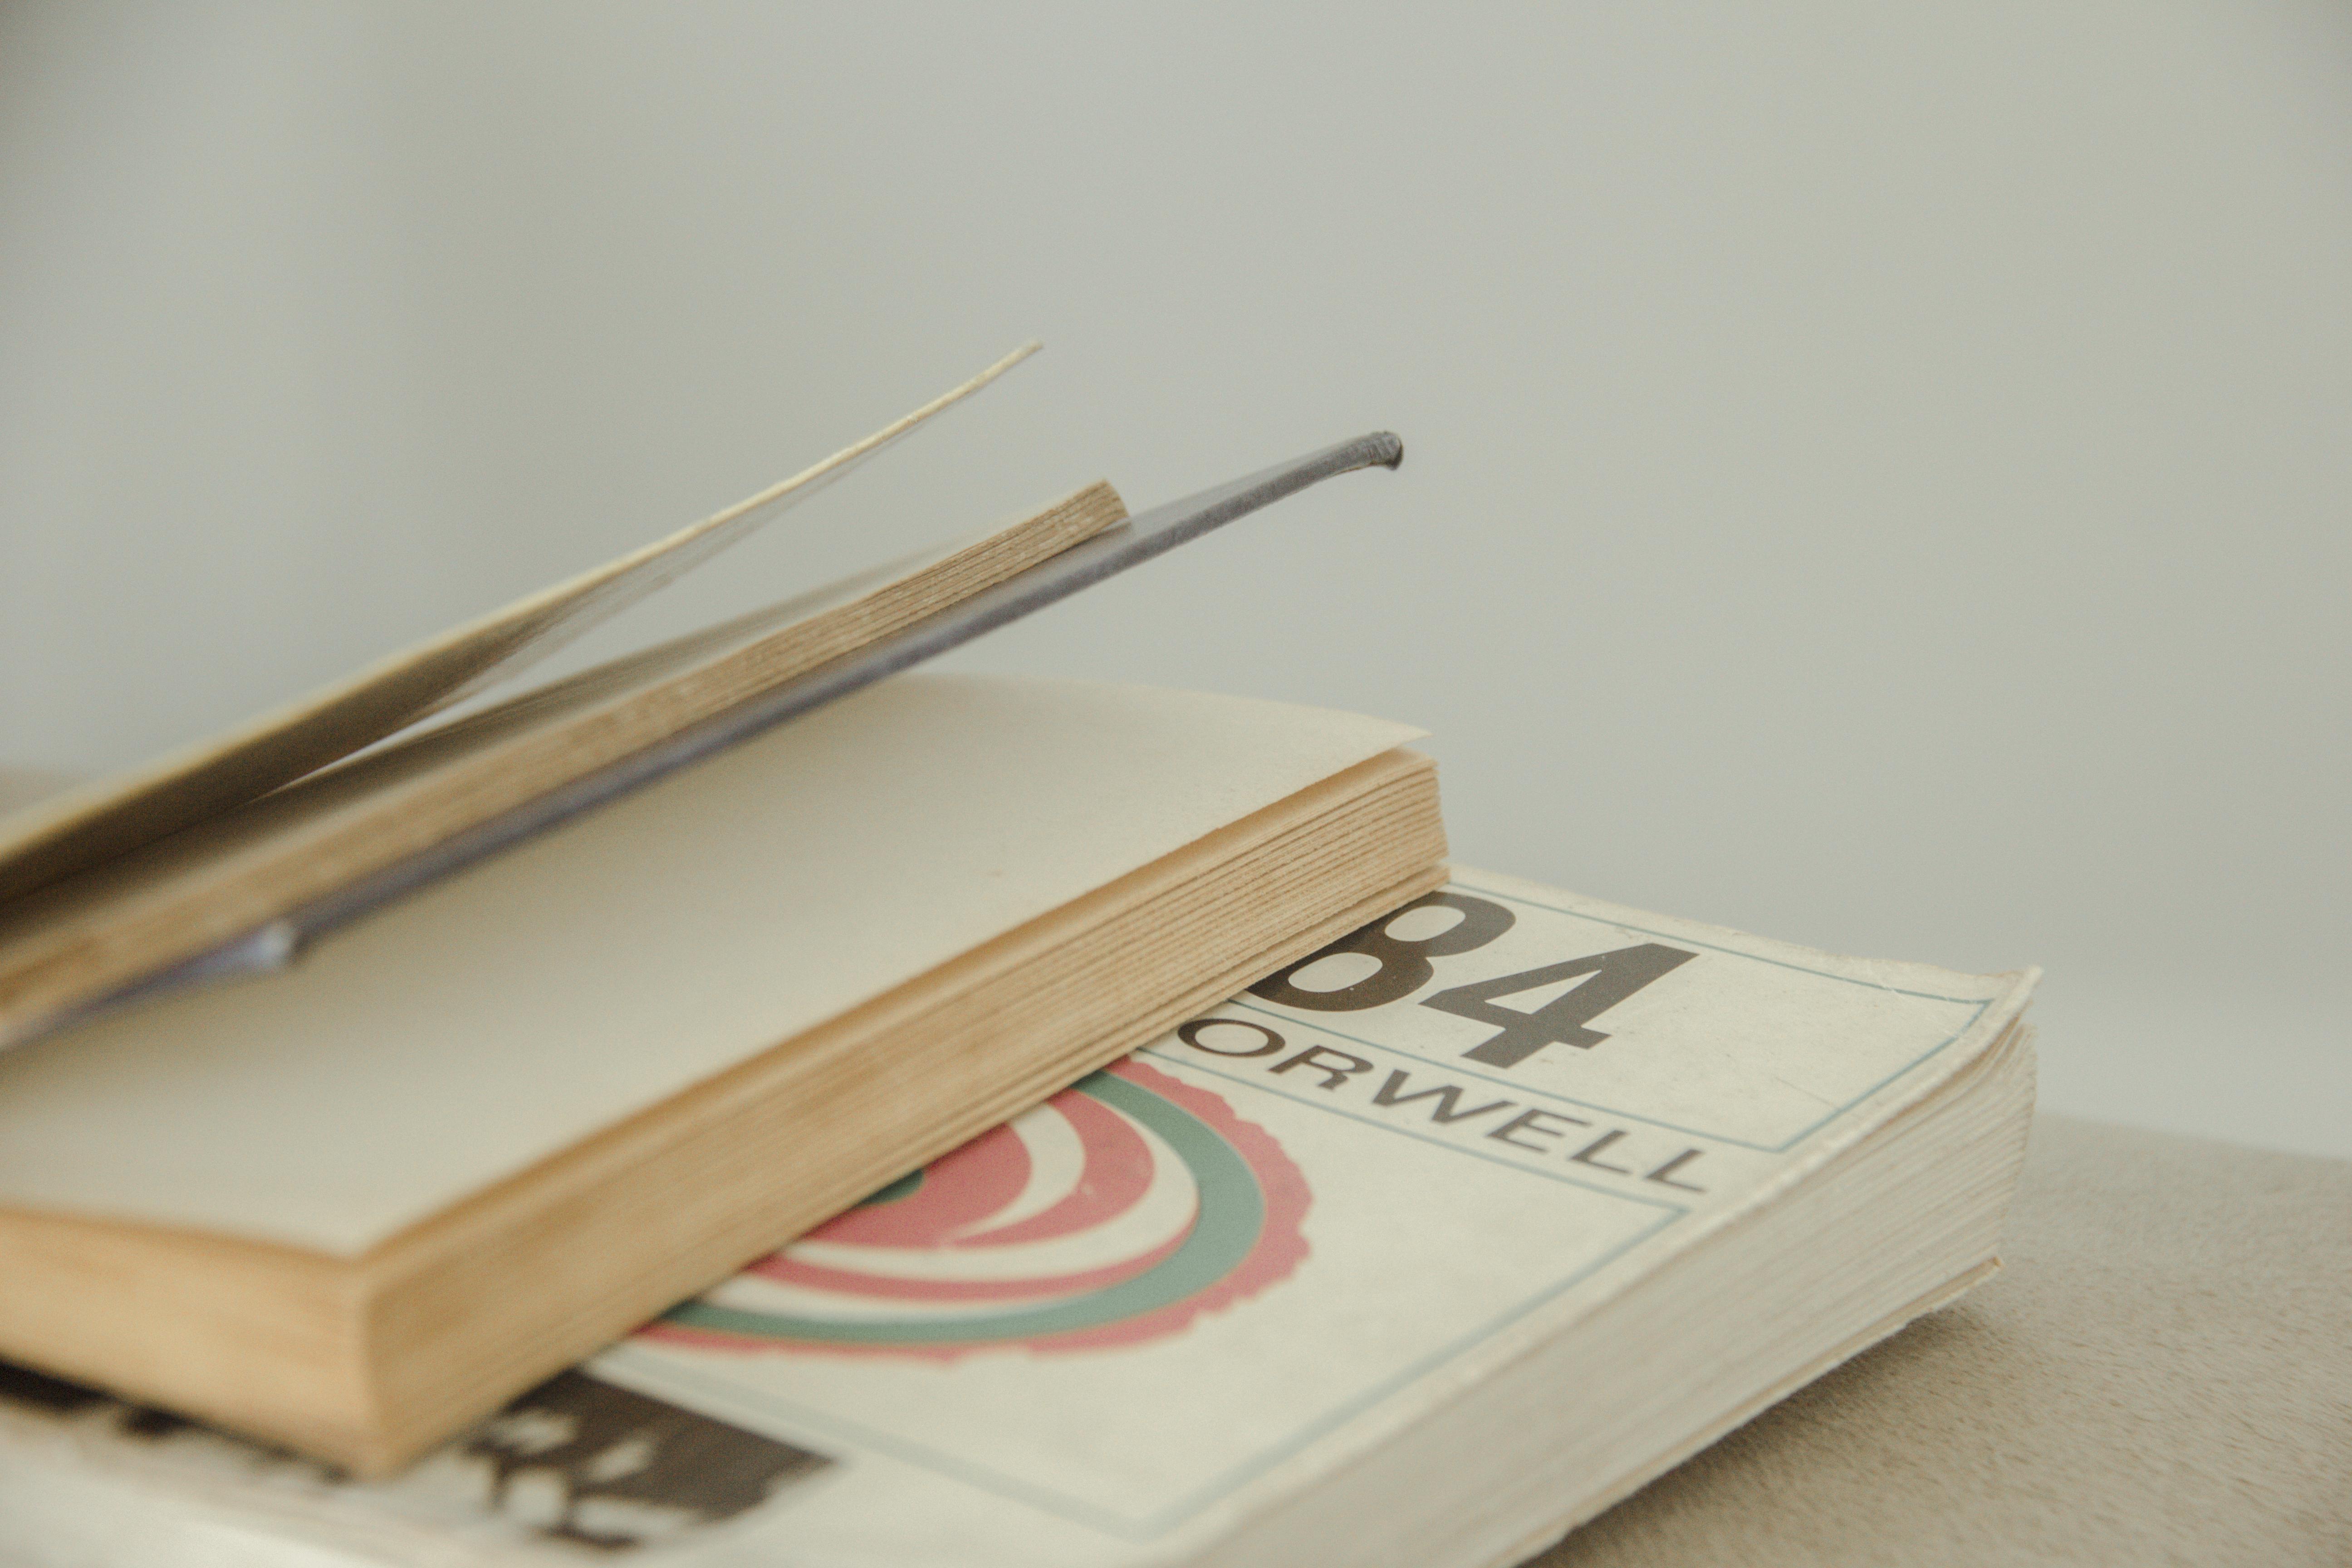 1984 foi um livro proibido por ter cunho pró-cumunismo